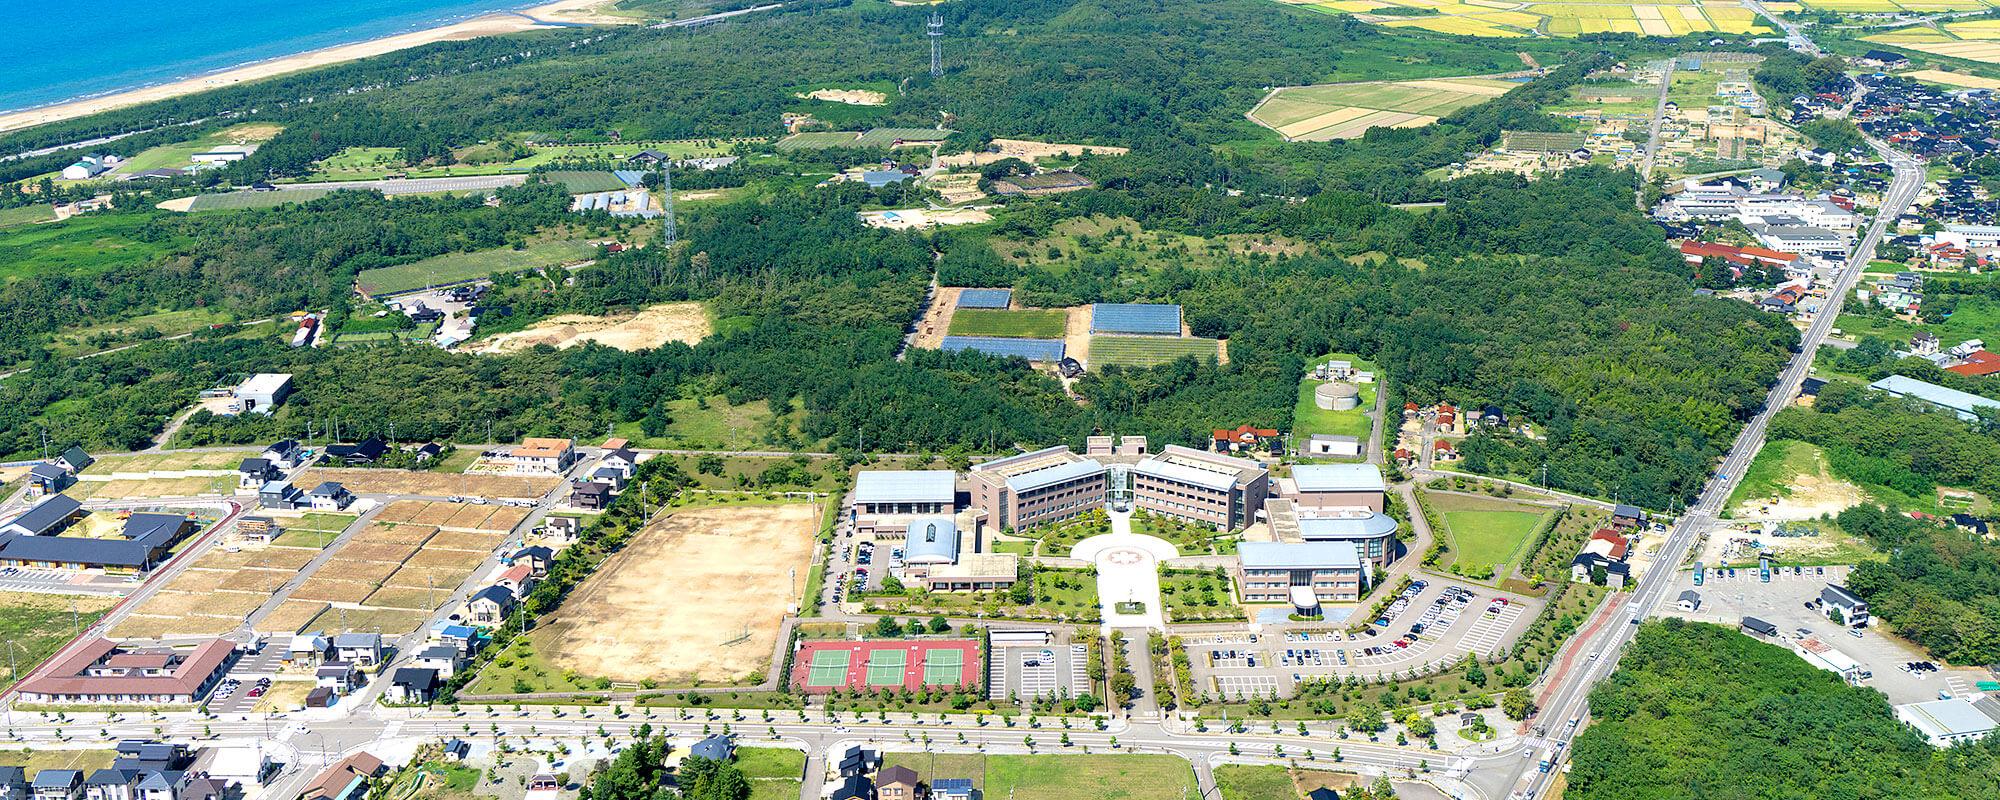 キャンパス施設